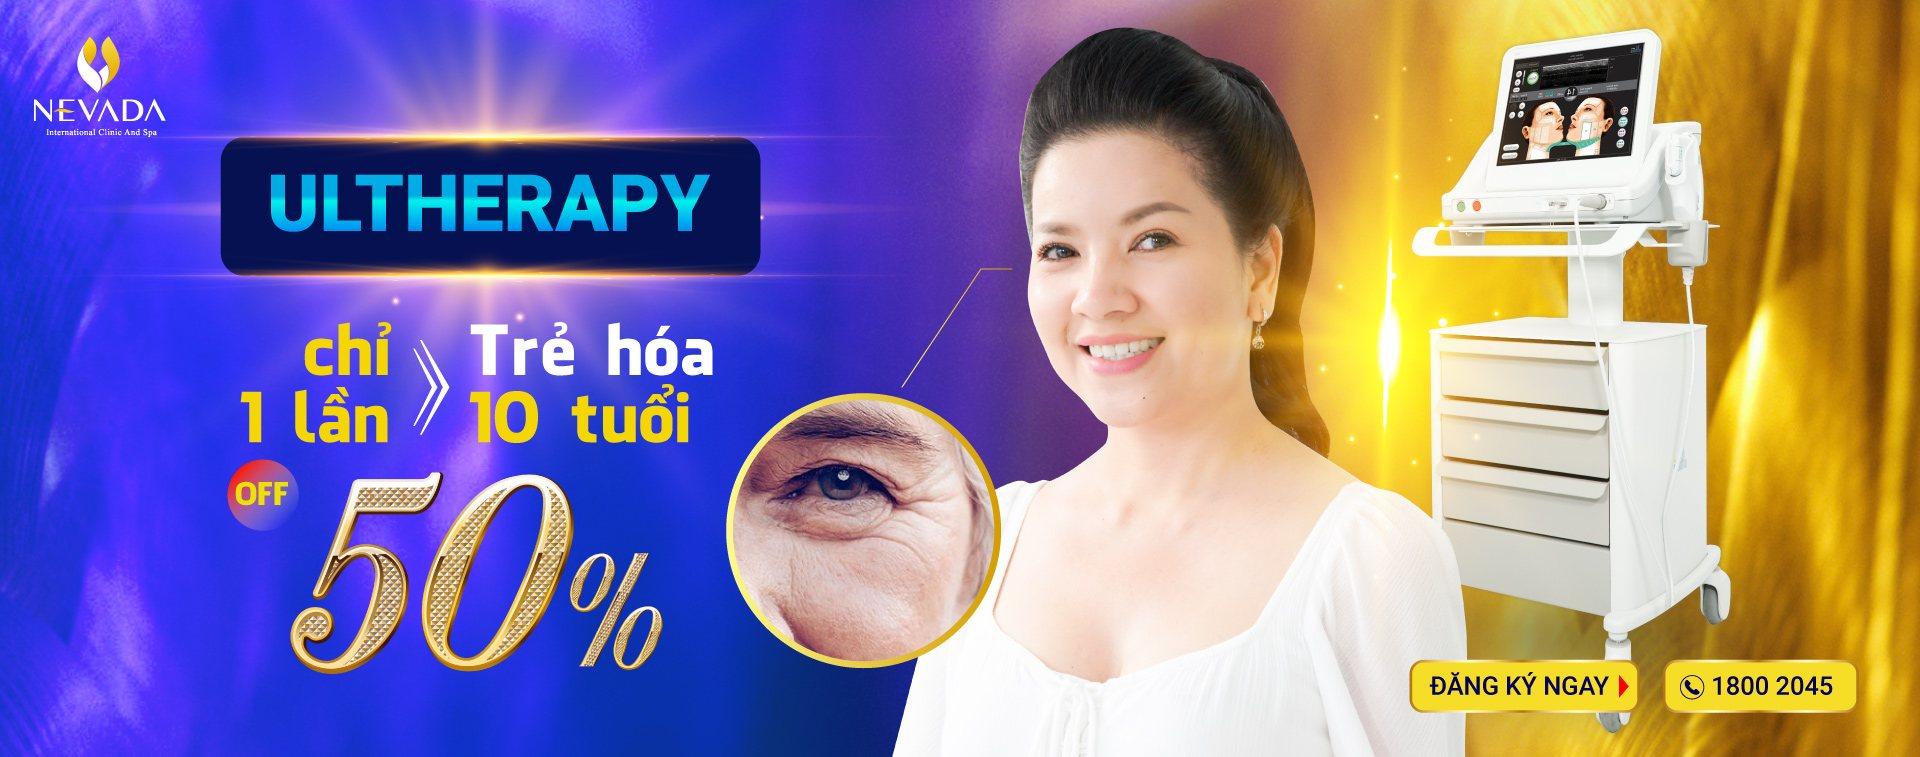 khuyến mãi công nghệ Ultherapy